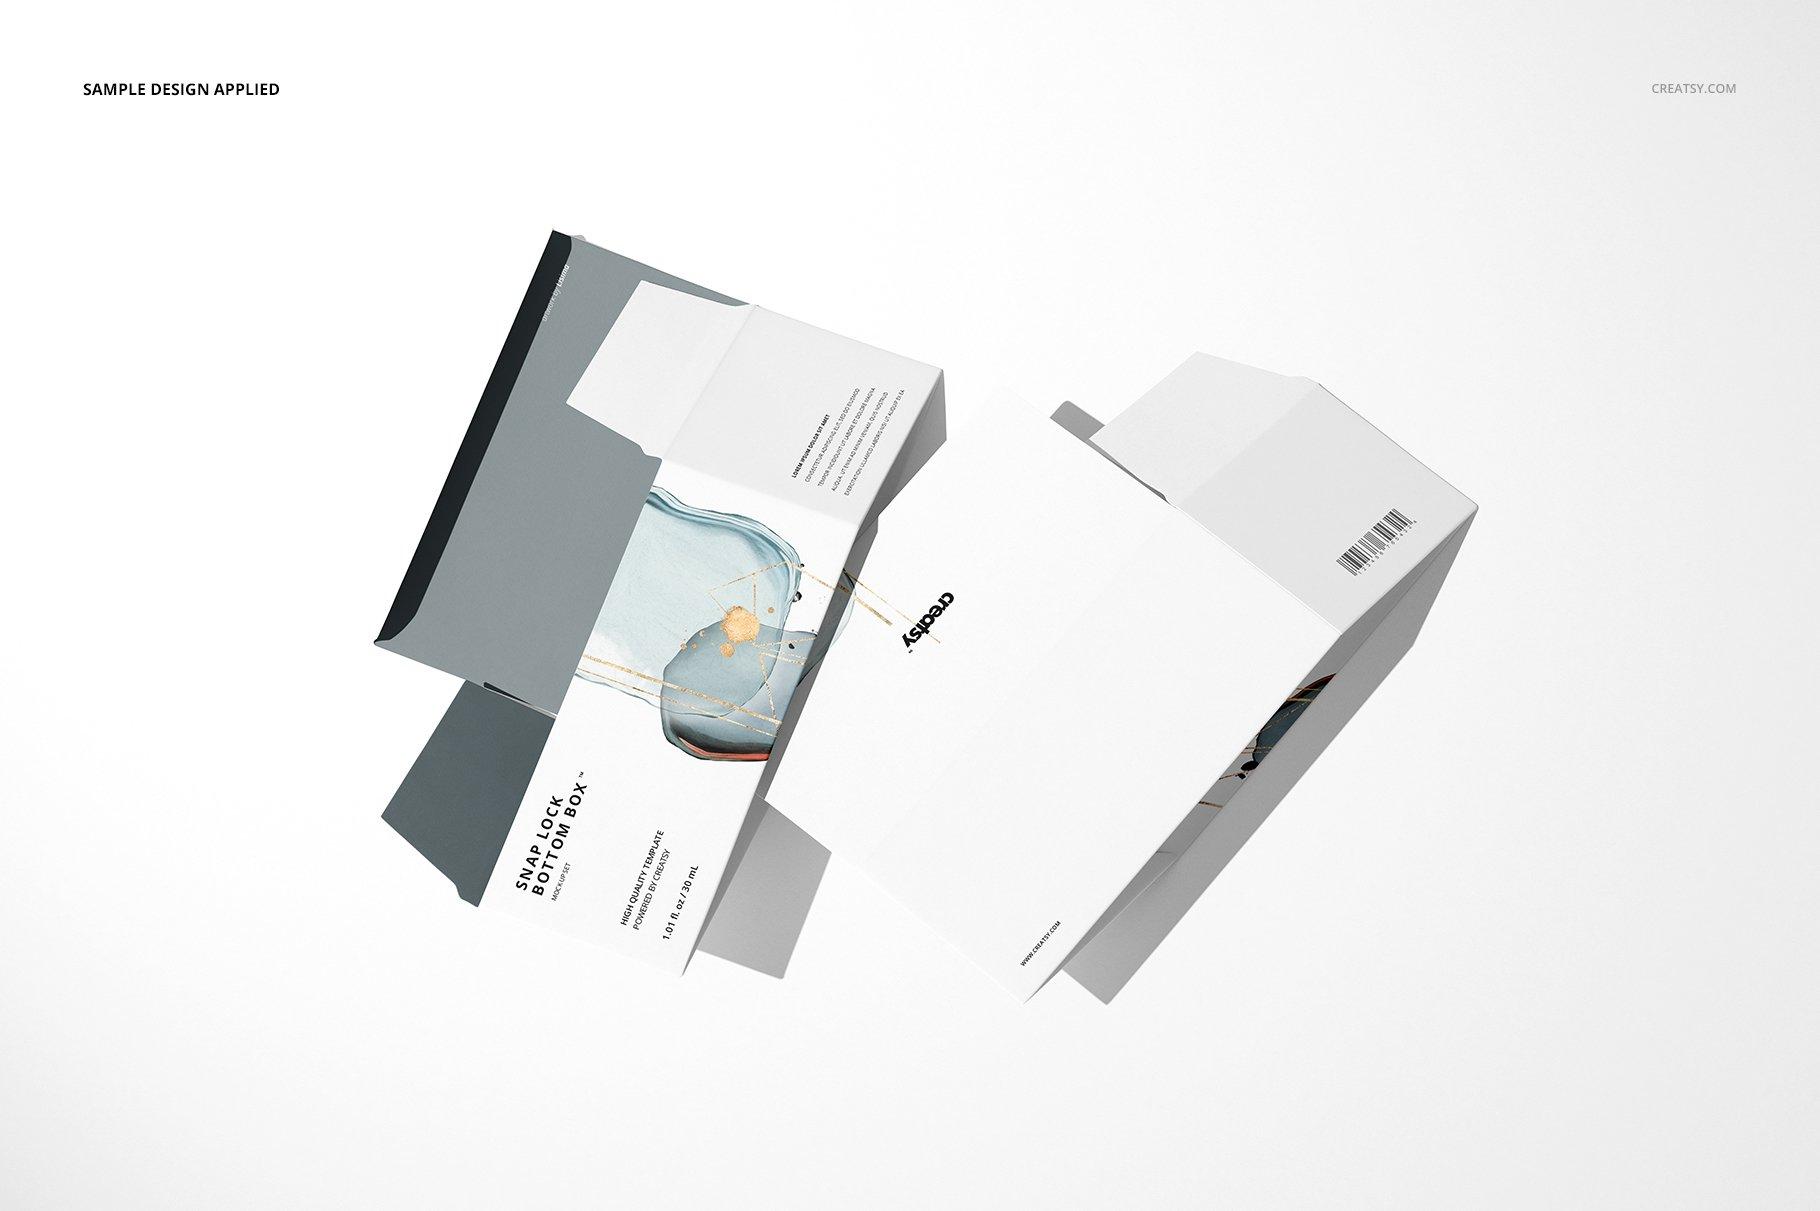 长矩形产品包装卡扣锁底纸盒样机集 Snap Lock Bottom Box Mockup Set插图(5)